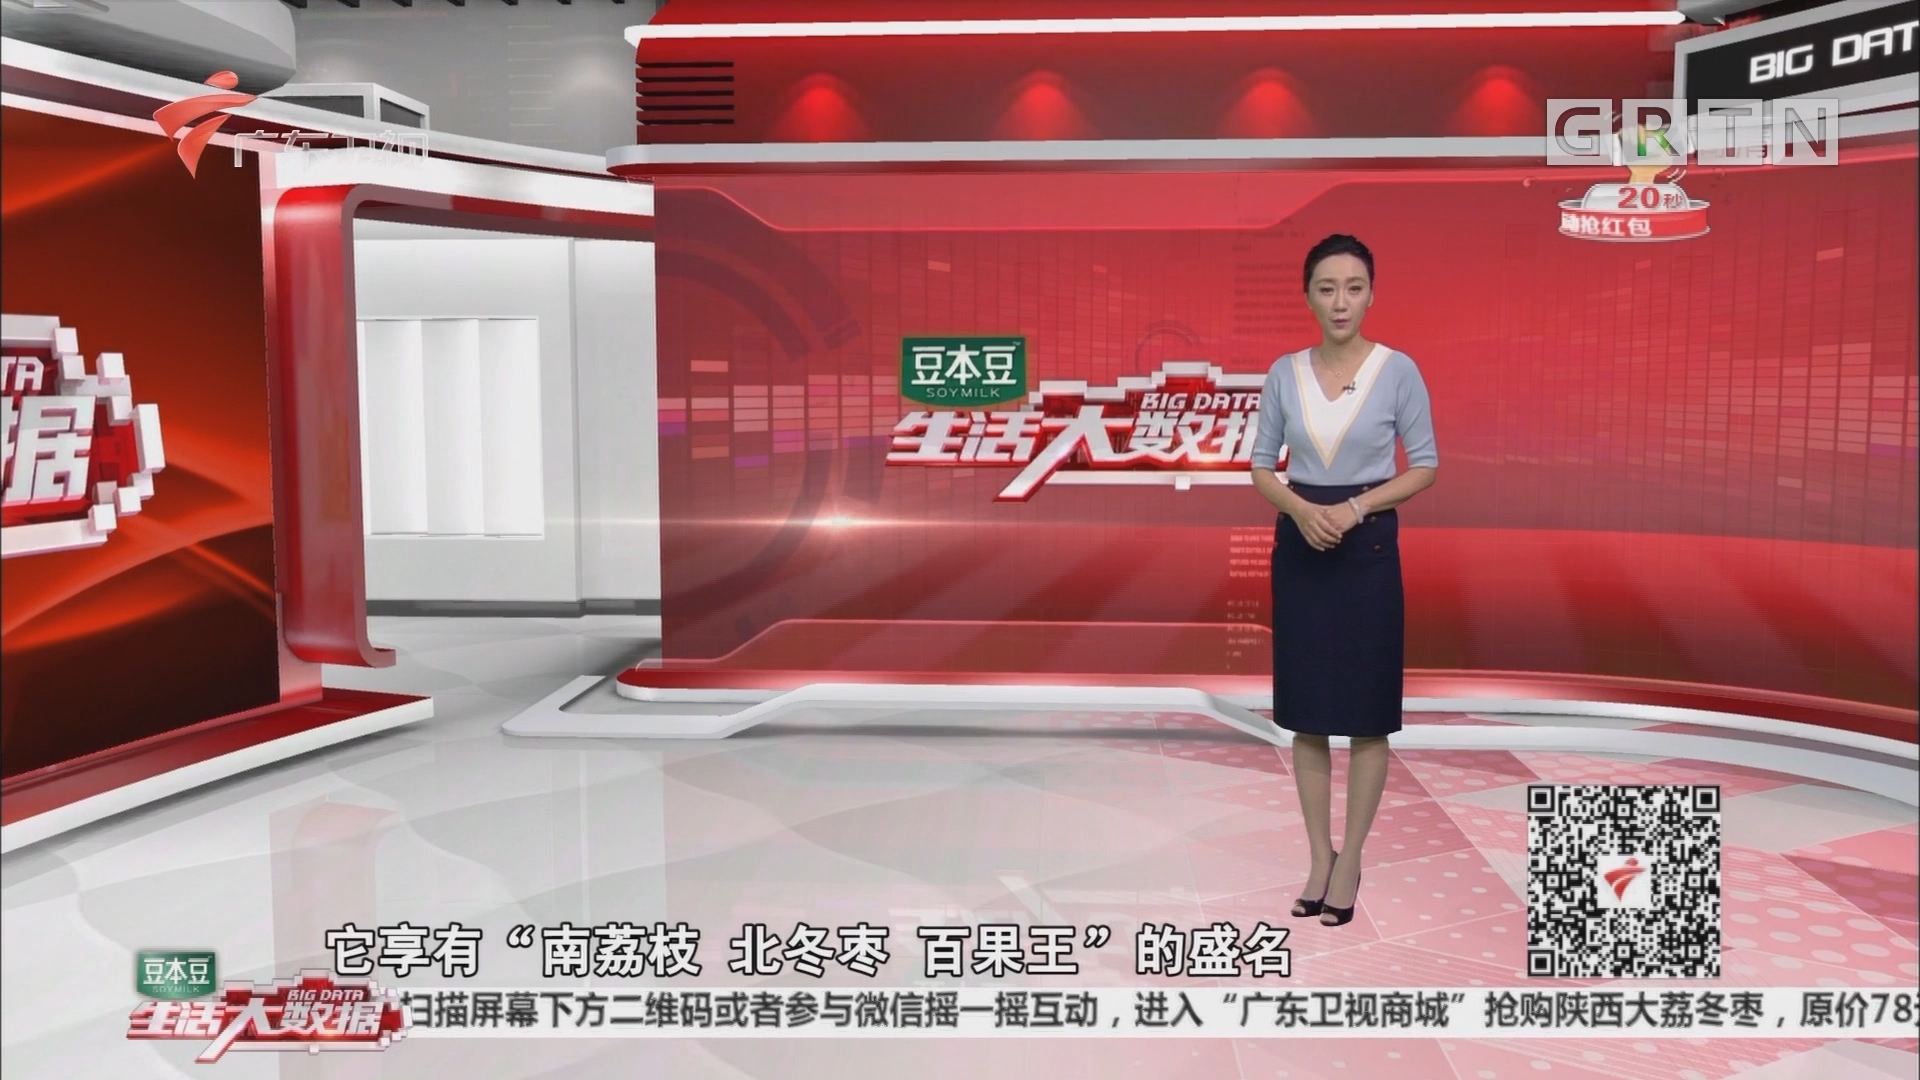 大荔冬枣 天然无公害 快来抢购吧!